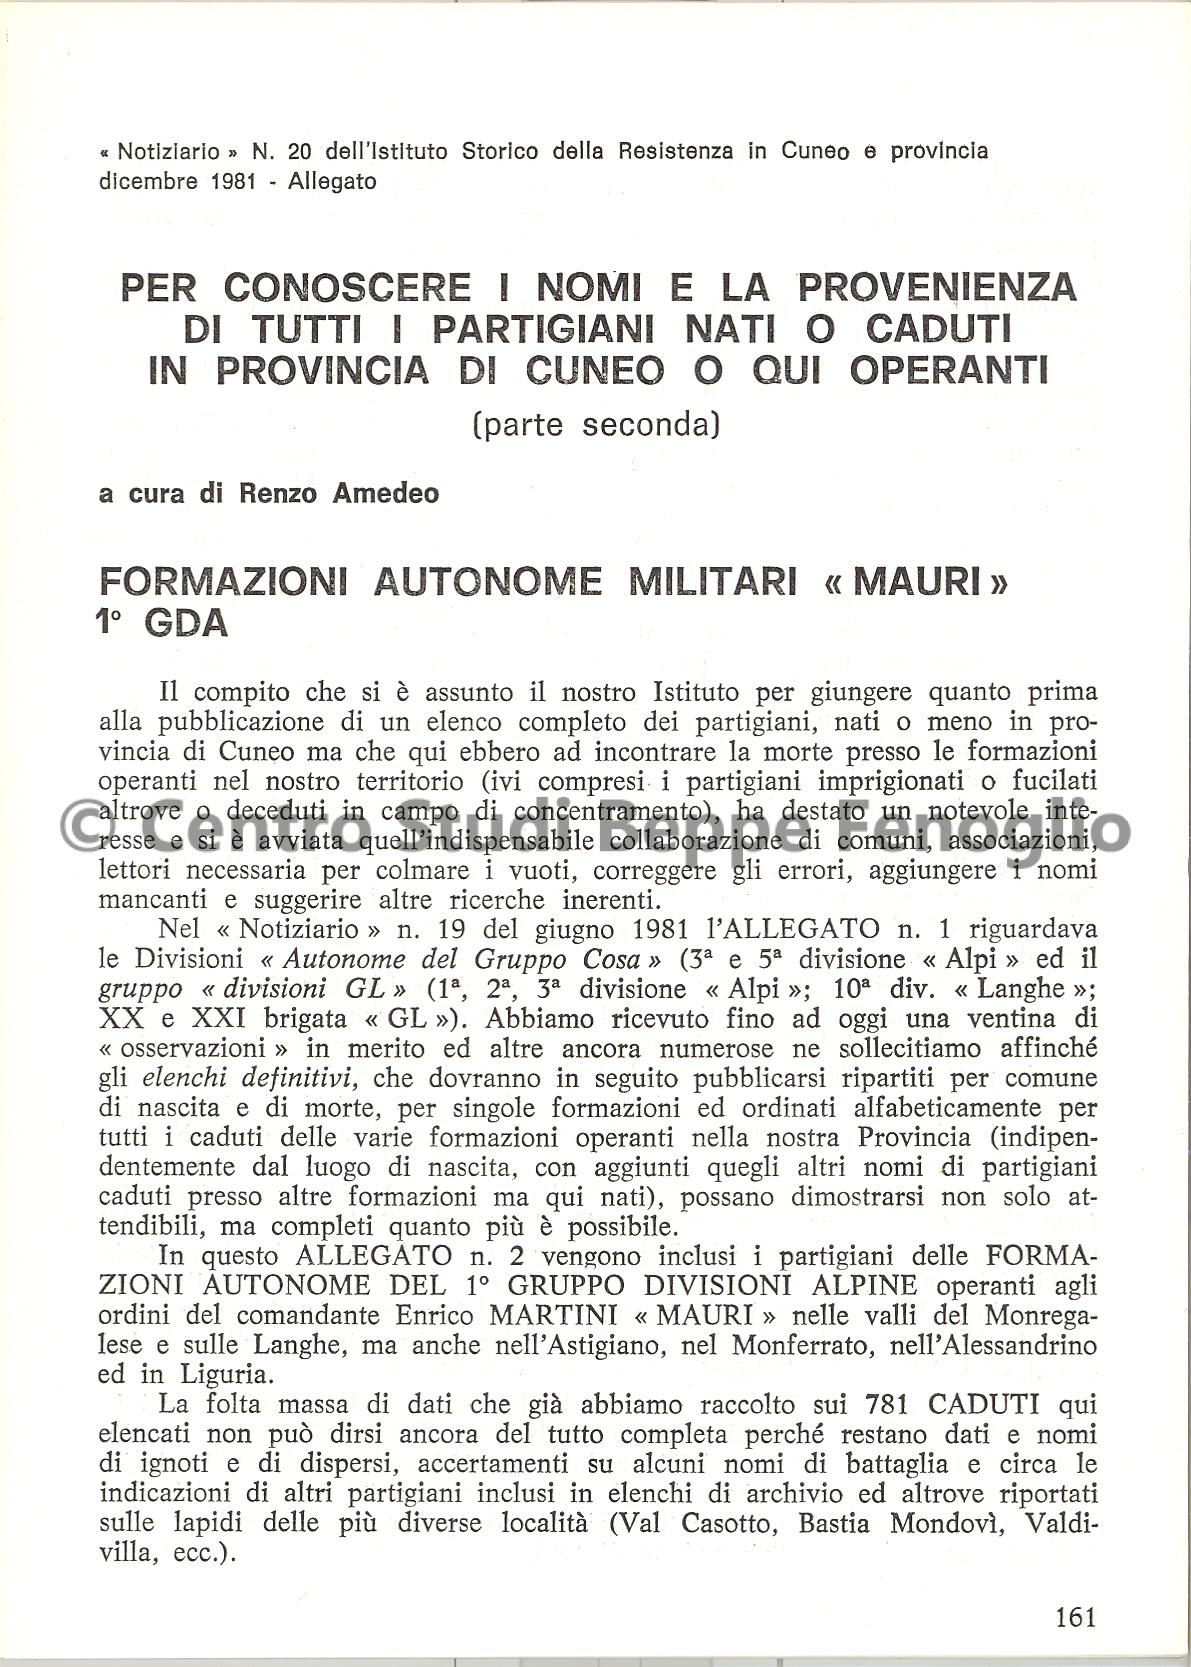 375cb7f54596 Centro Studi  Beppe Fenoglio  - Per conoscere i nomi e la ...